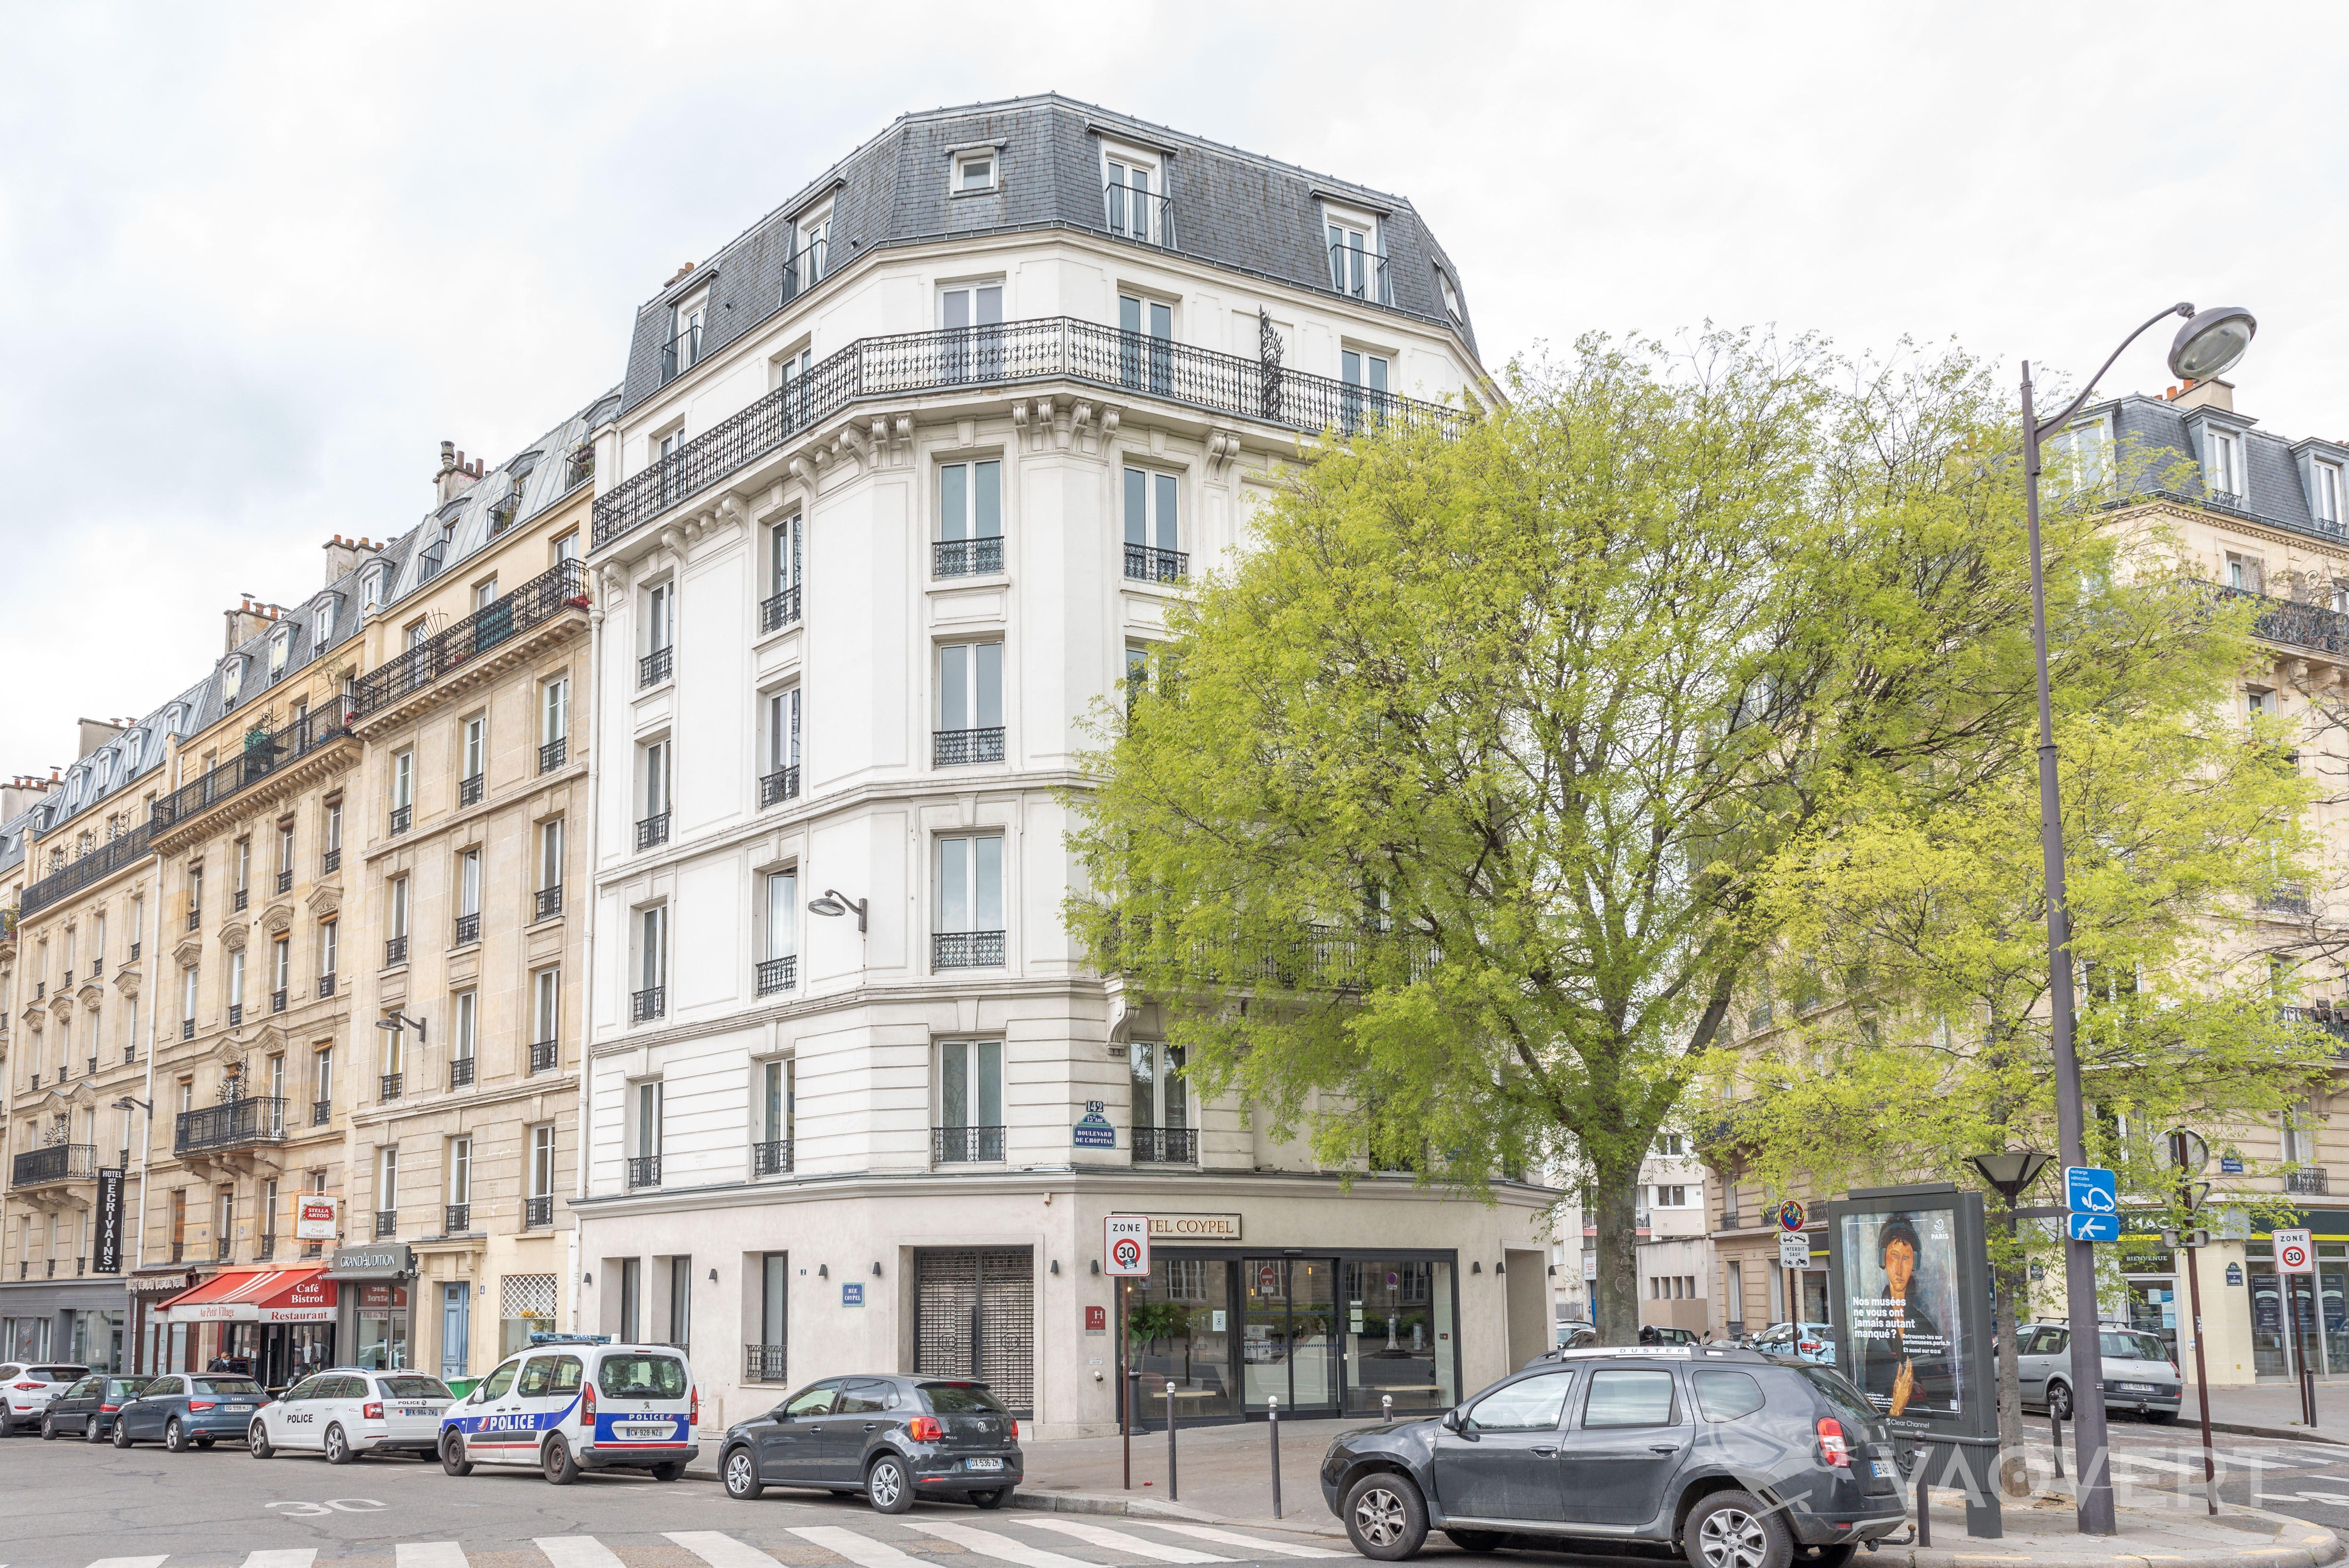 MAGNA ARBOR - Hôtel Coypel